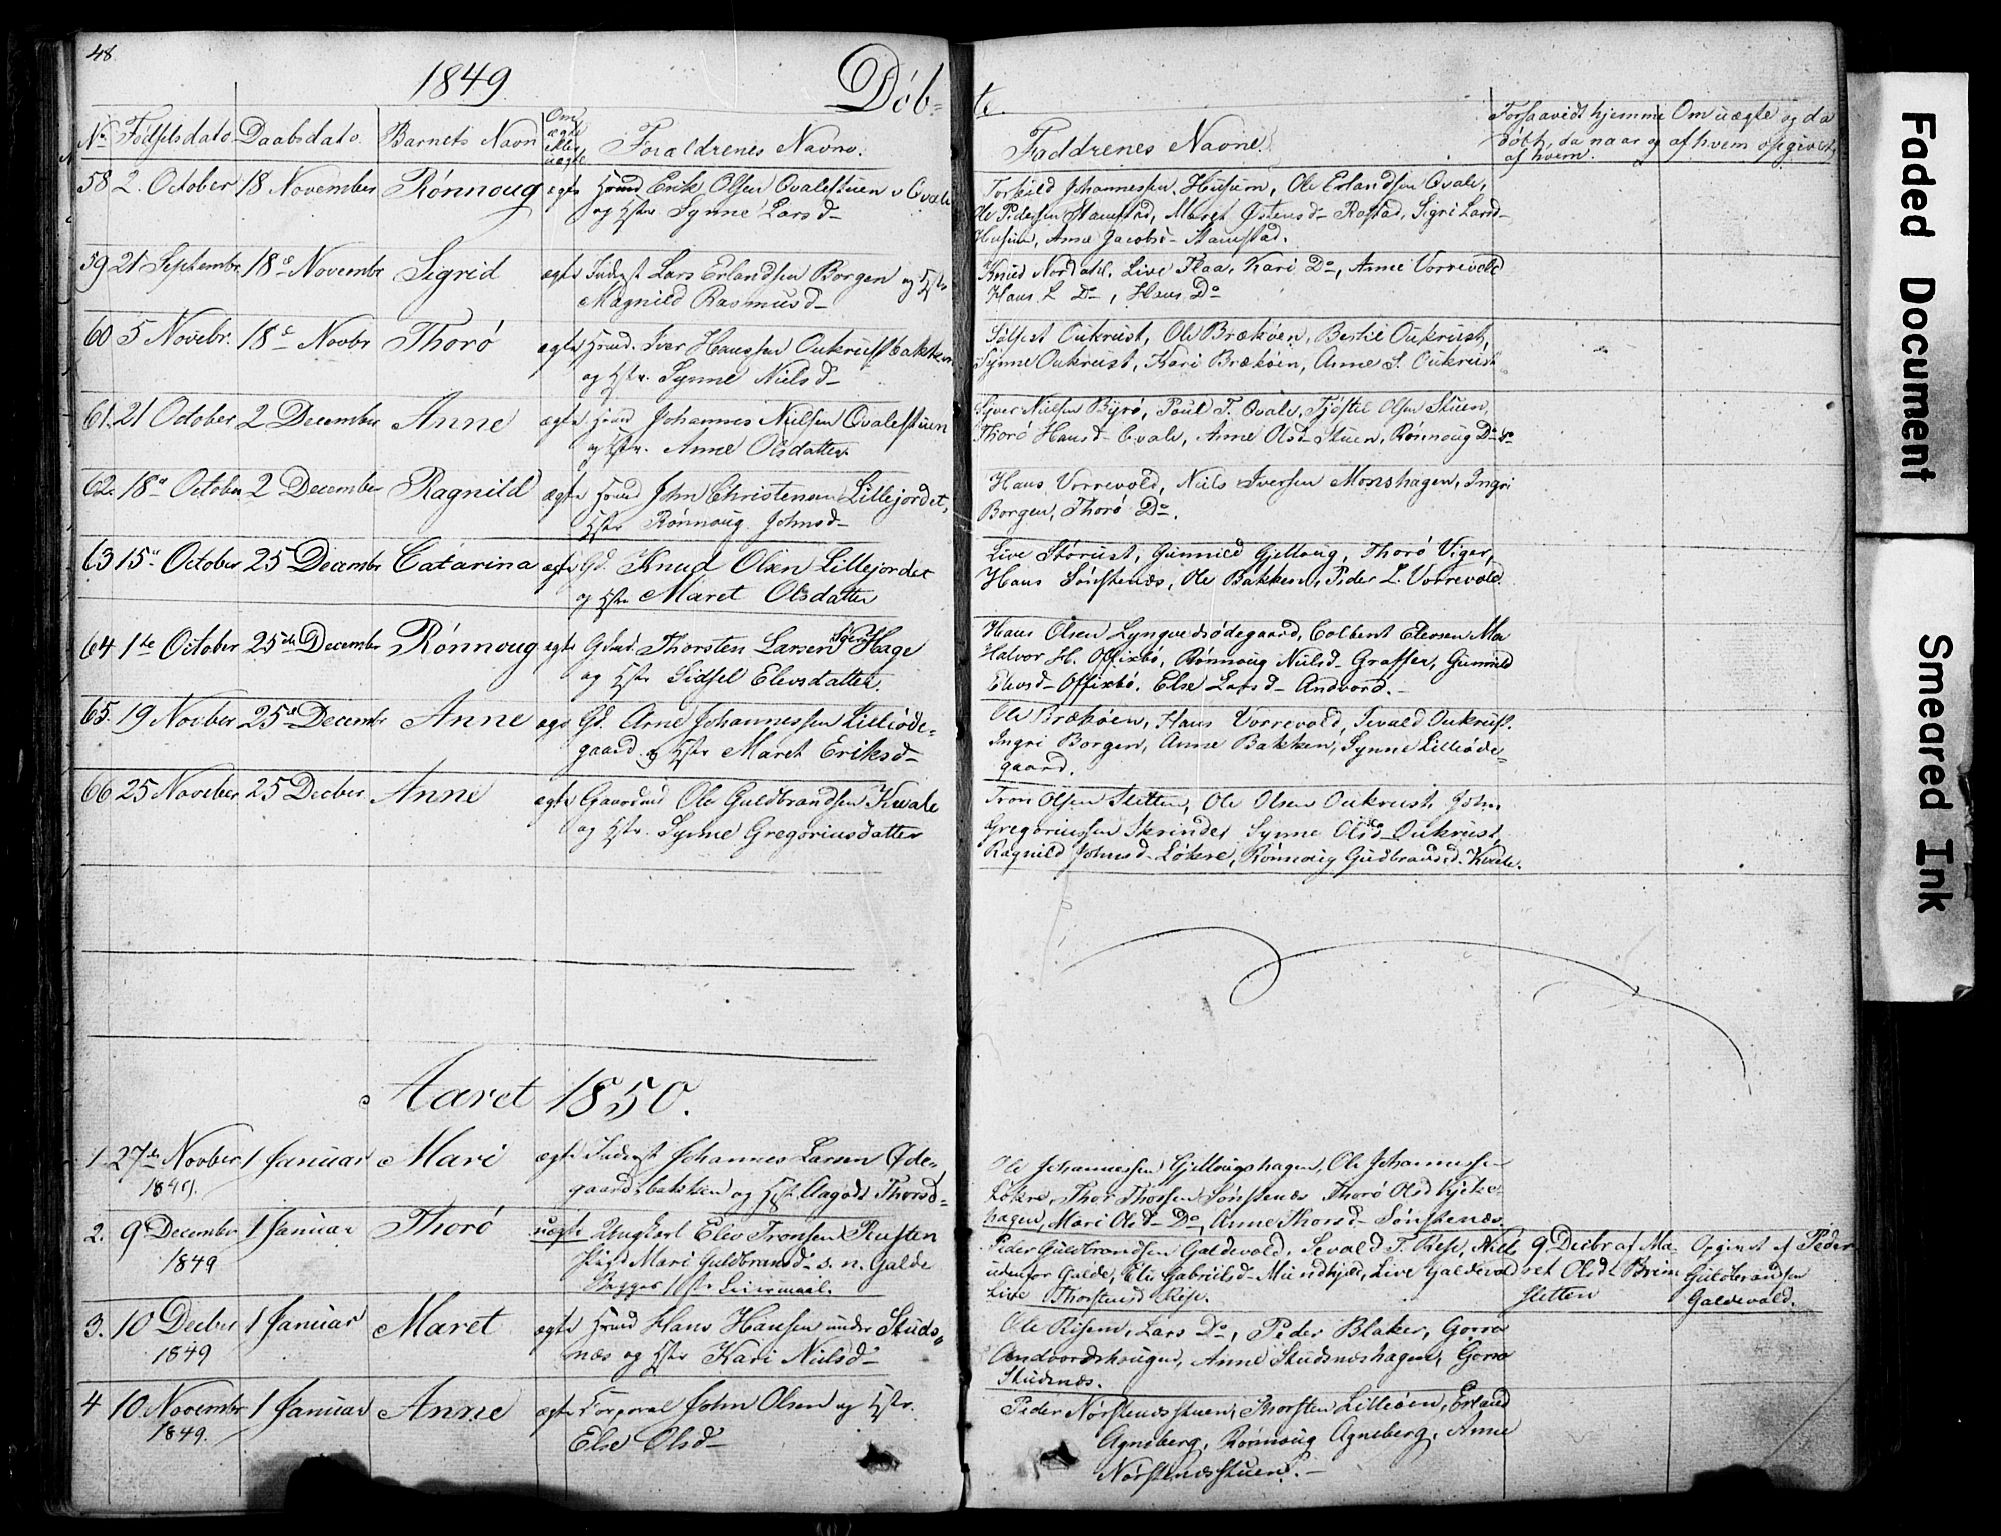 SAH, Lom prestekontor, L/L0012: Klokkerbok nr. 12, 1845-1873, s. 48-49